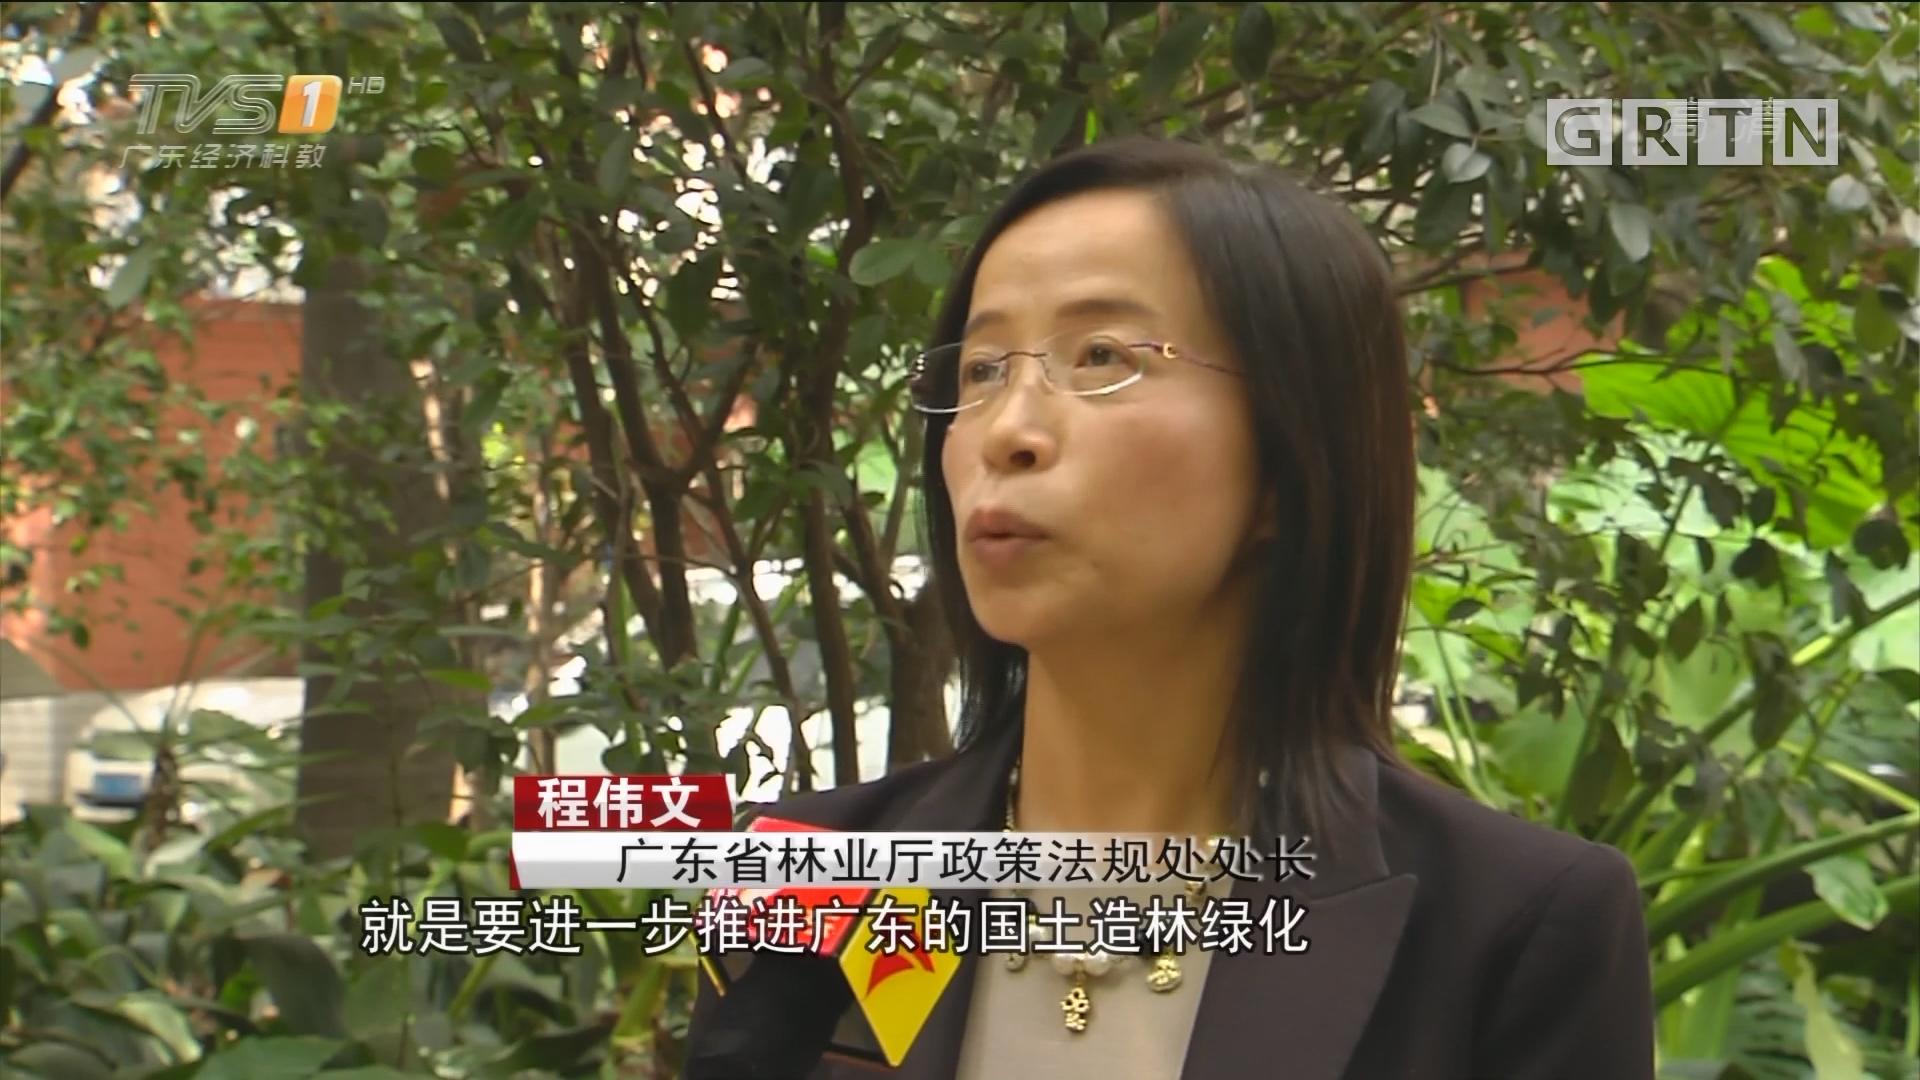 聚焦十九大:南粤各界群众喜迎盛会热议报告